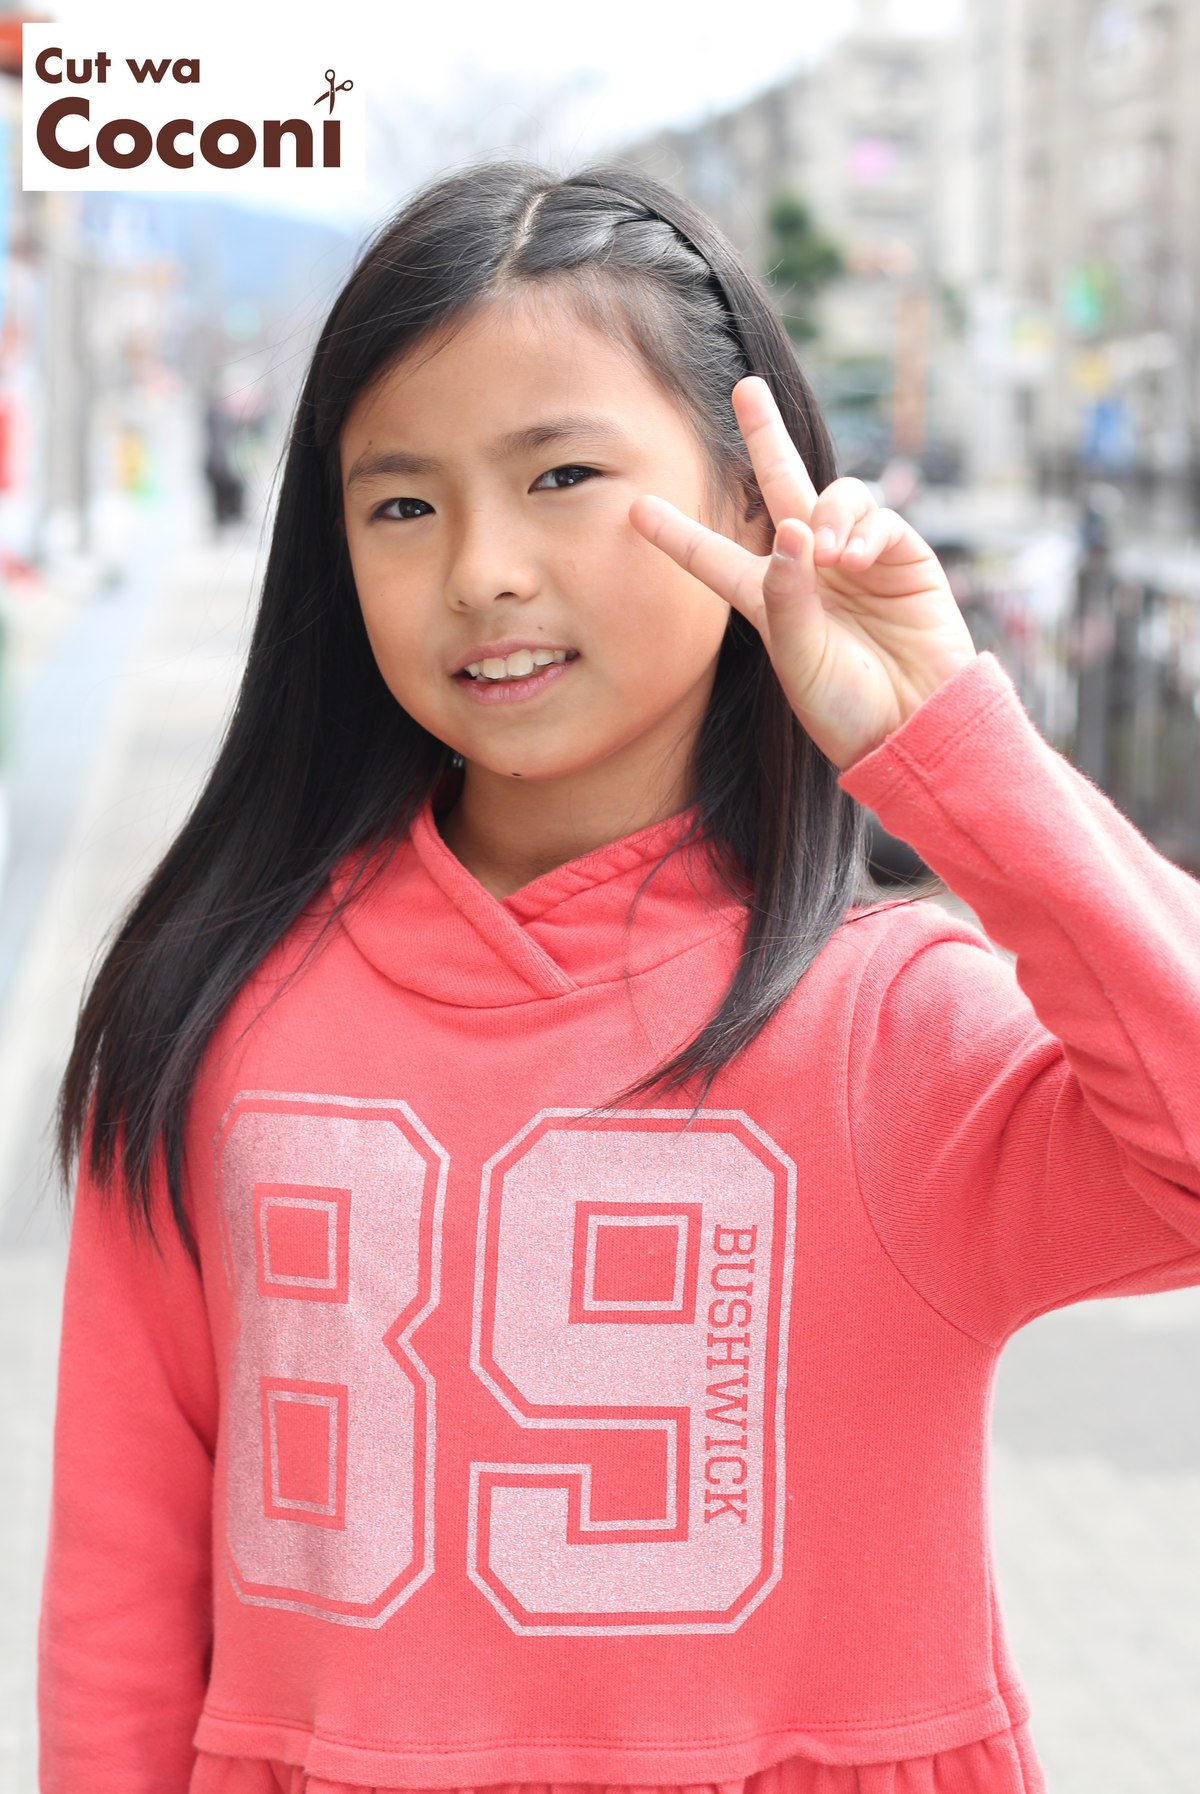 かわいいお子様カット〜サラサラで綺麗な髪が、よく似合ってるね!!!